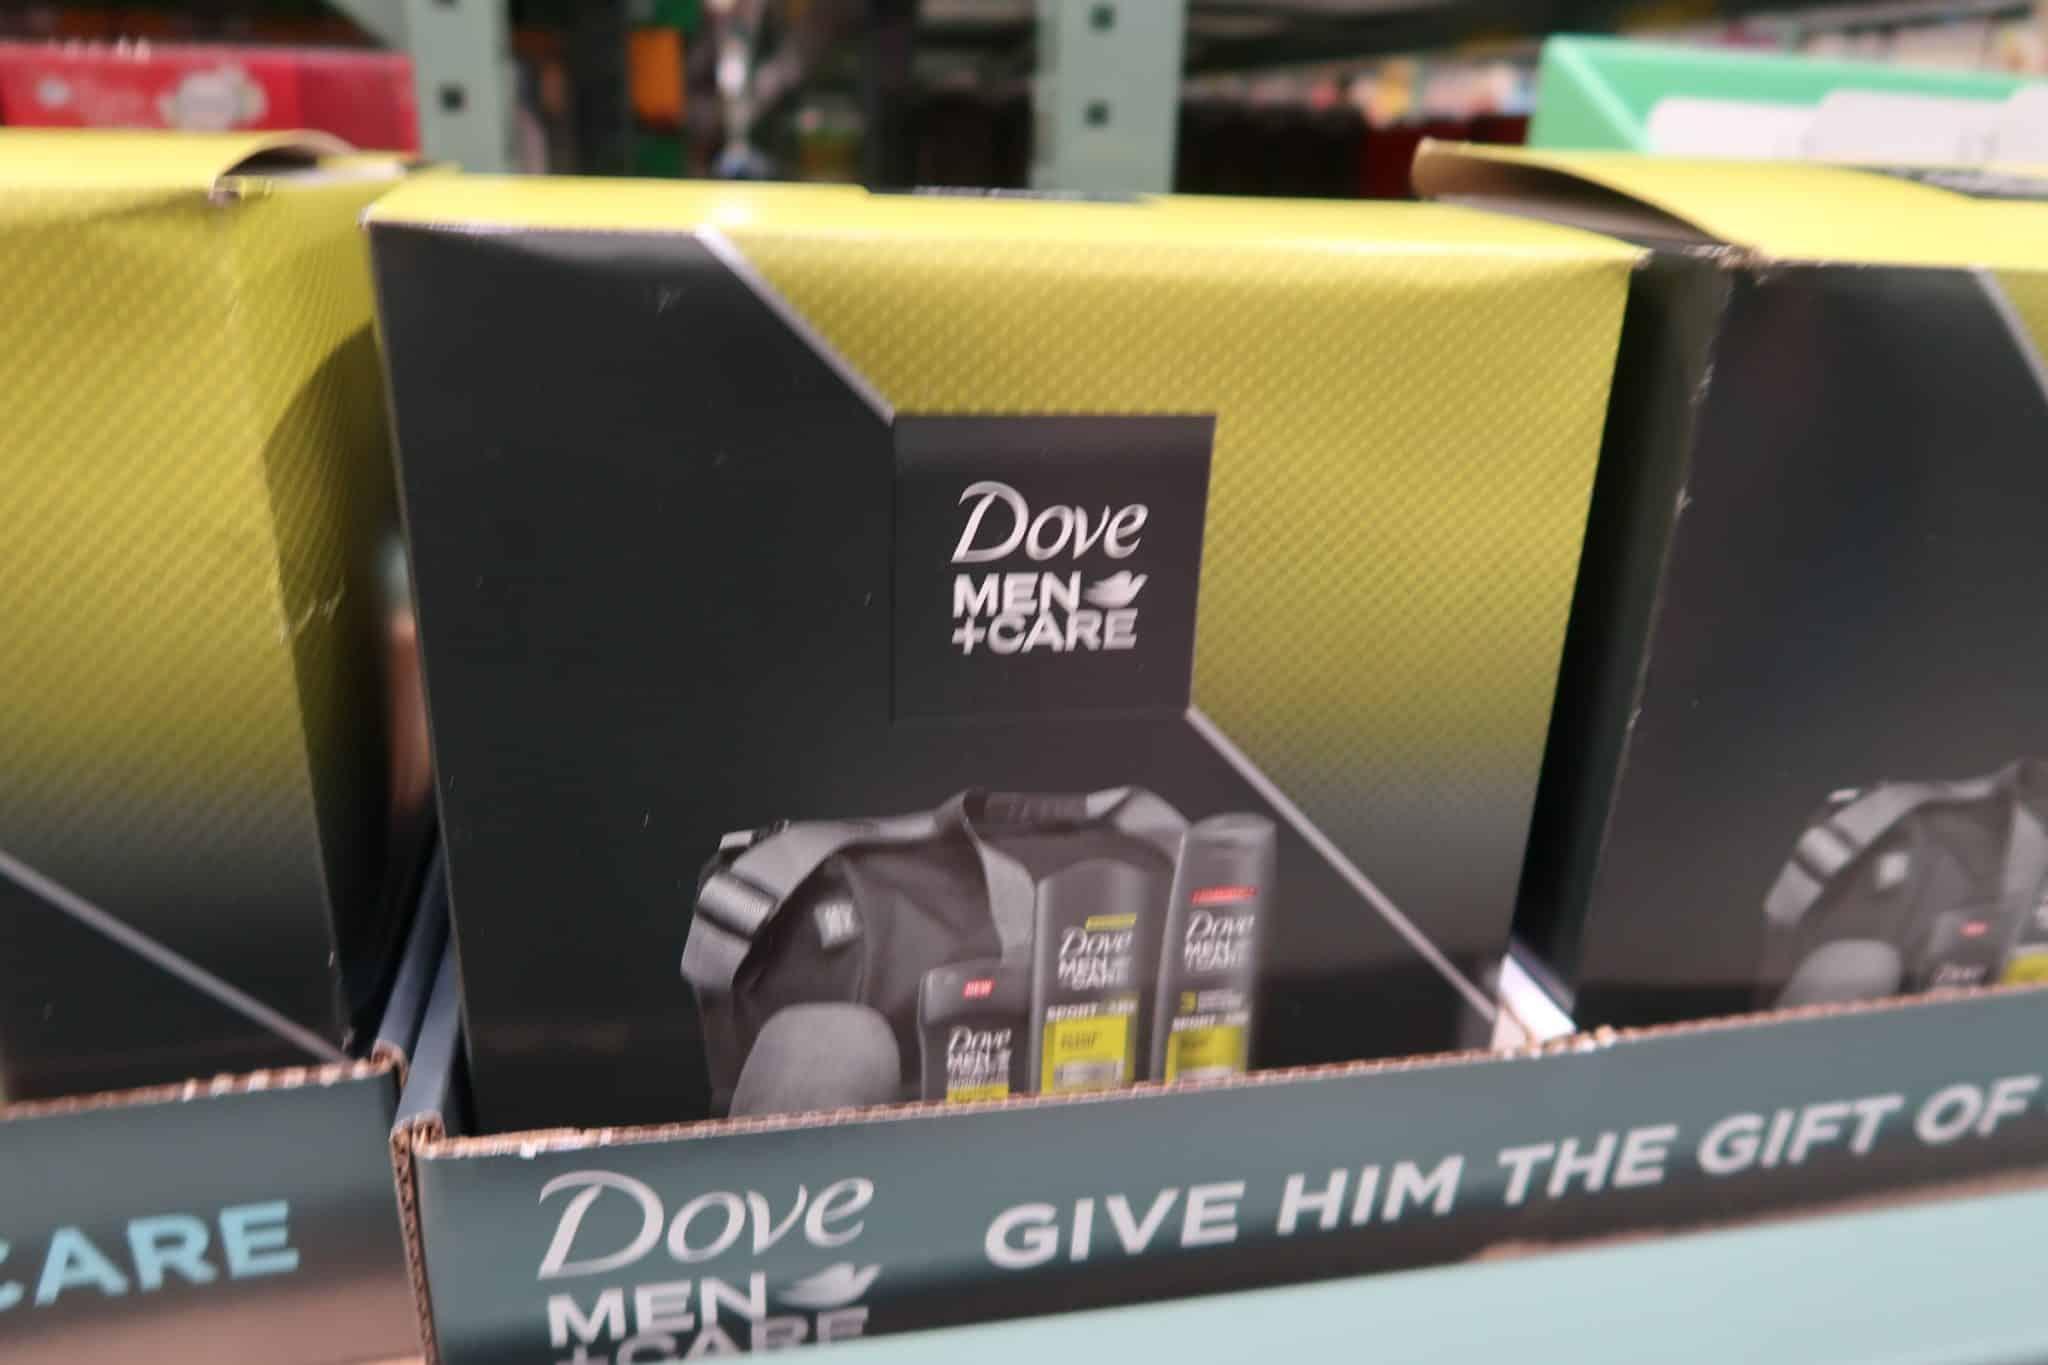 Axe/Dove Men Gift Set ONLY $7.98